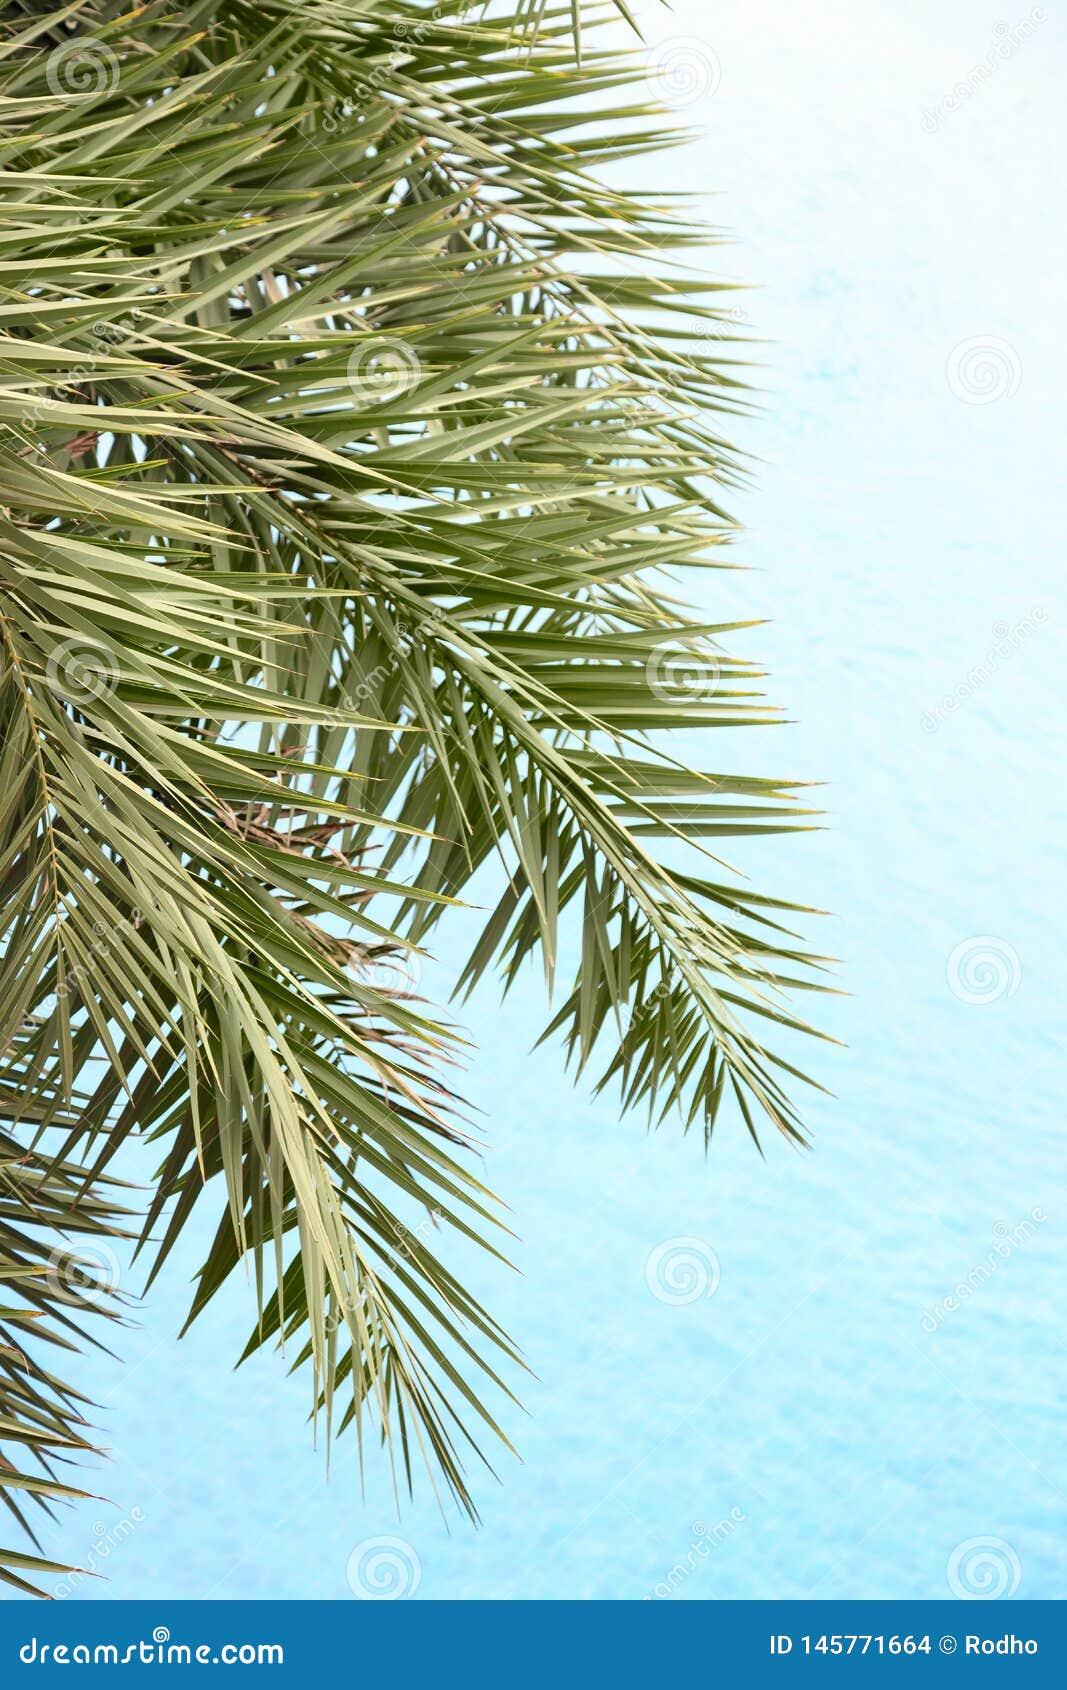 Τα φρέσκα φύλλα φοινικών στο όμορφο υπόβαθρο καθαρού νερού